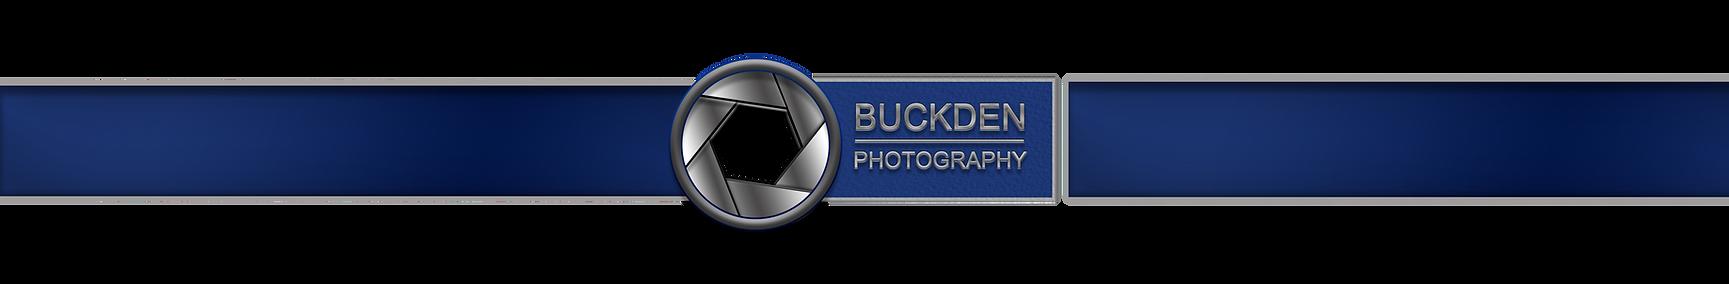 buckden photographyfade strip.png